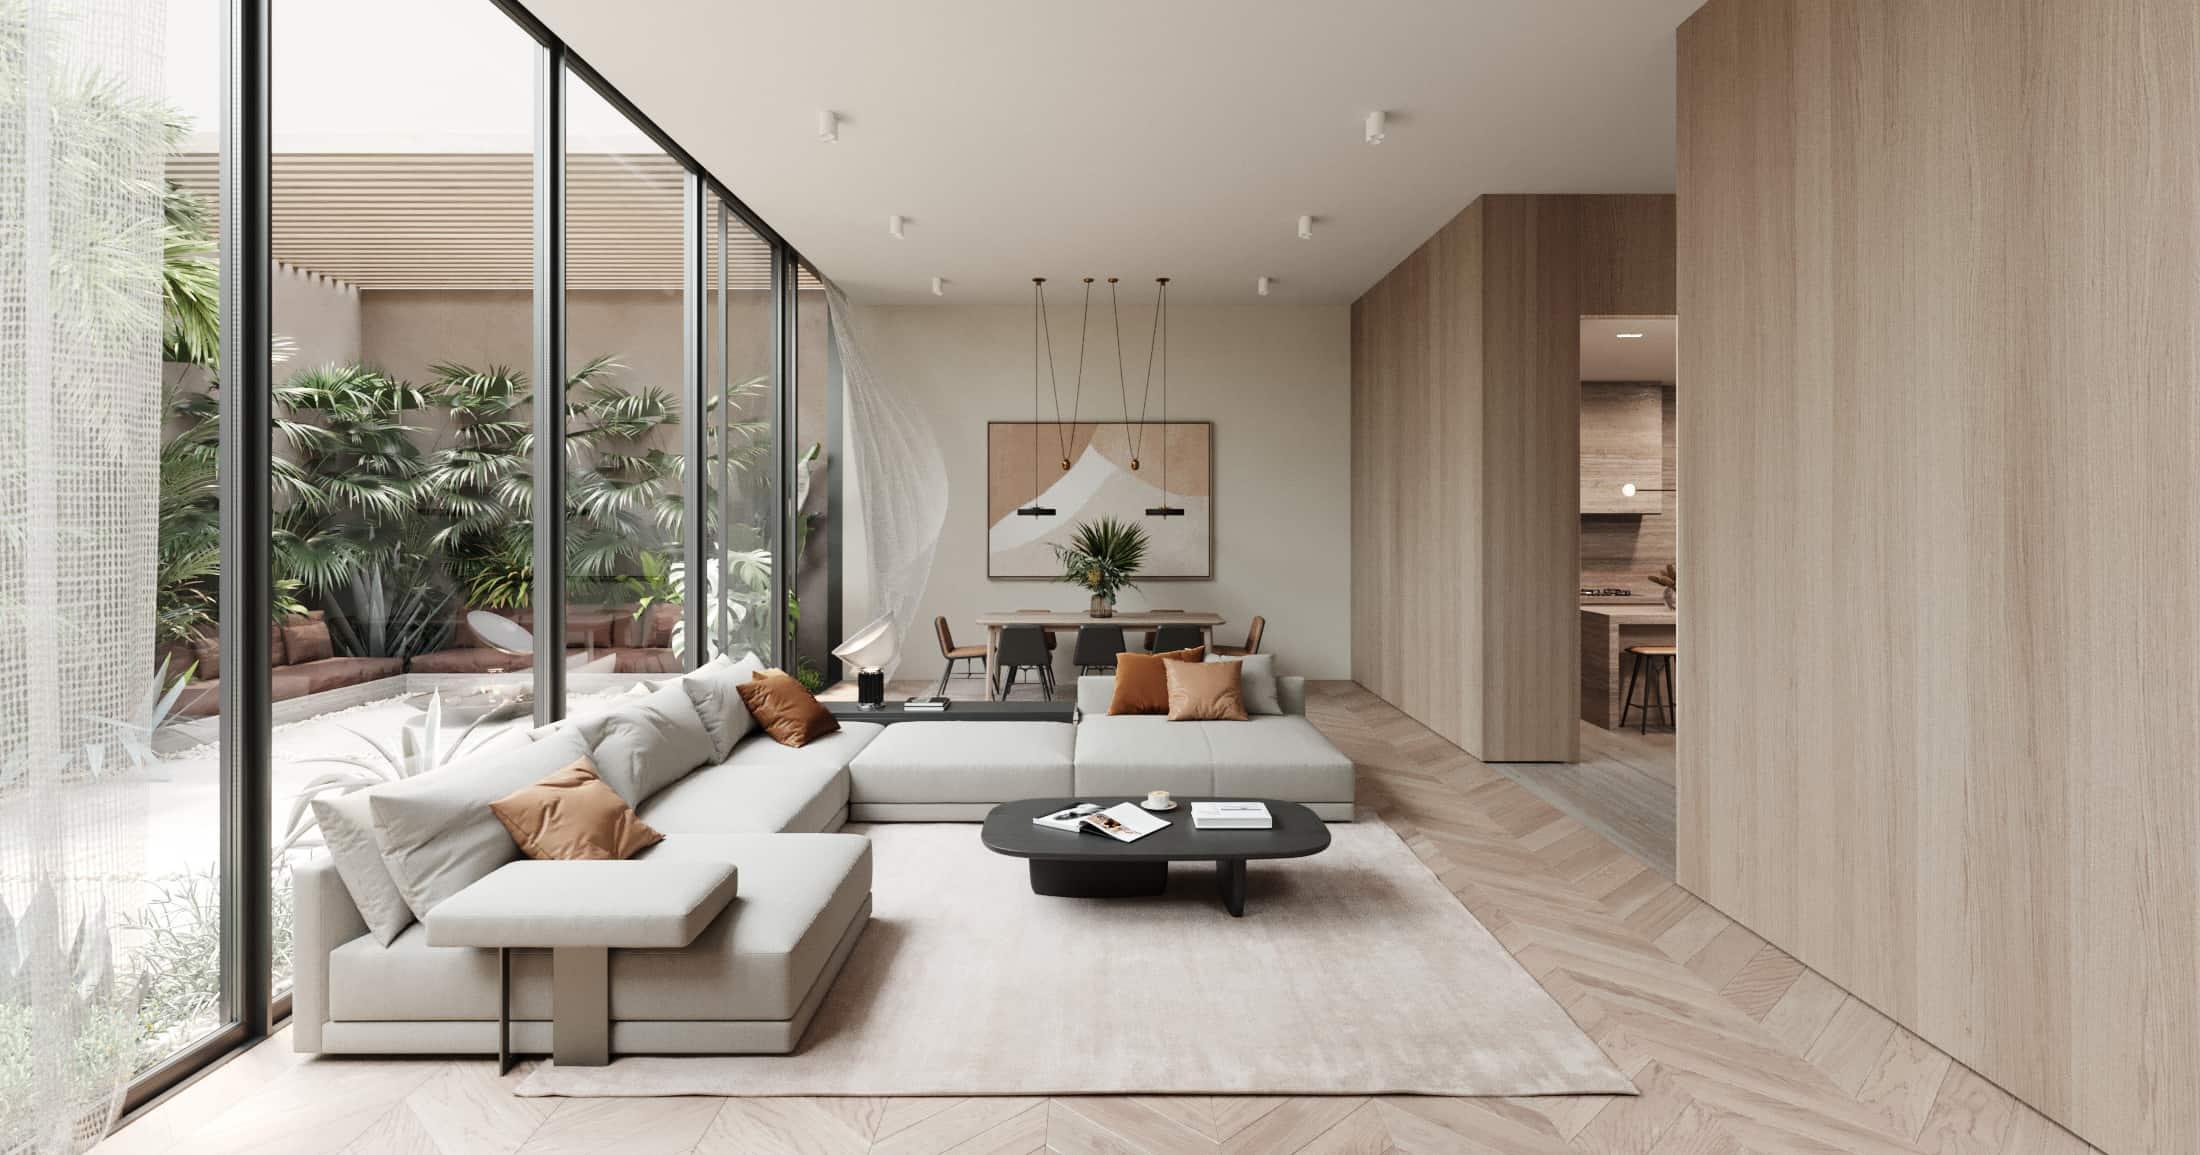 villa designs (11)